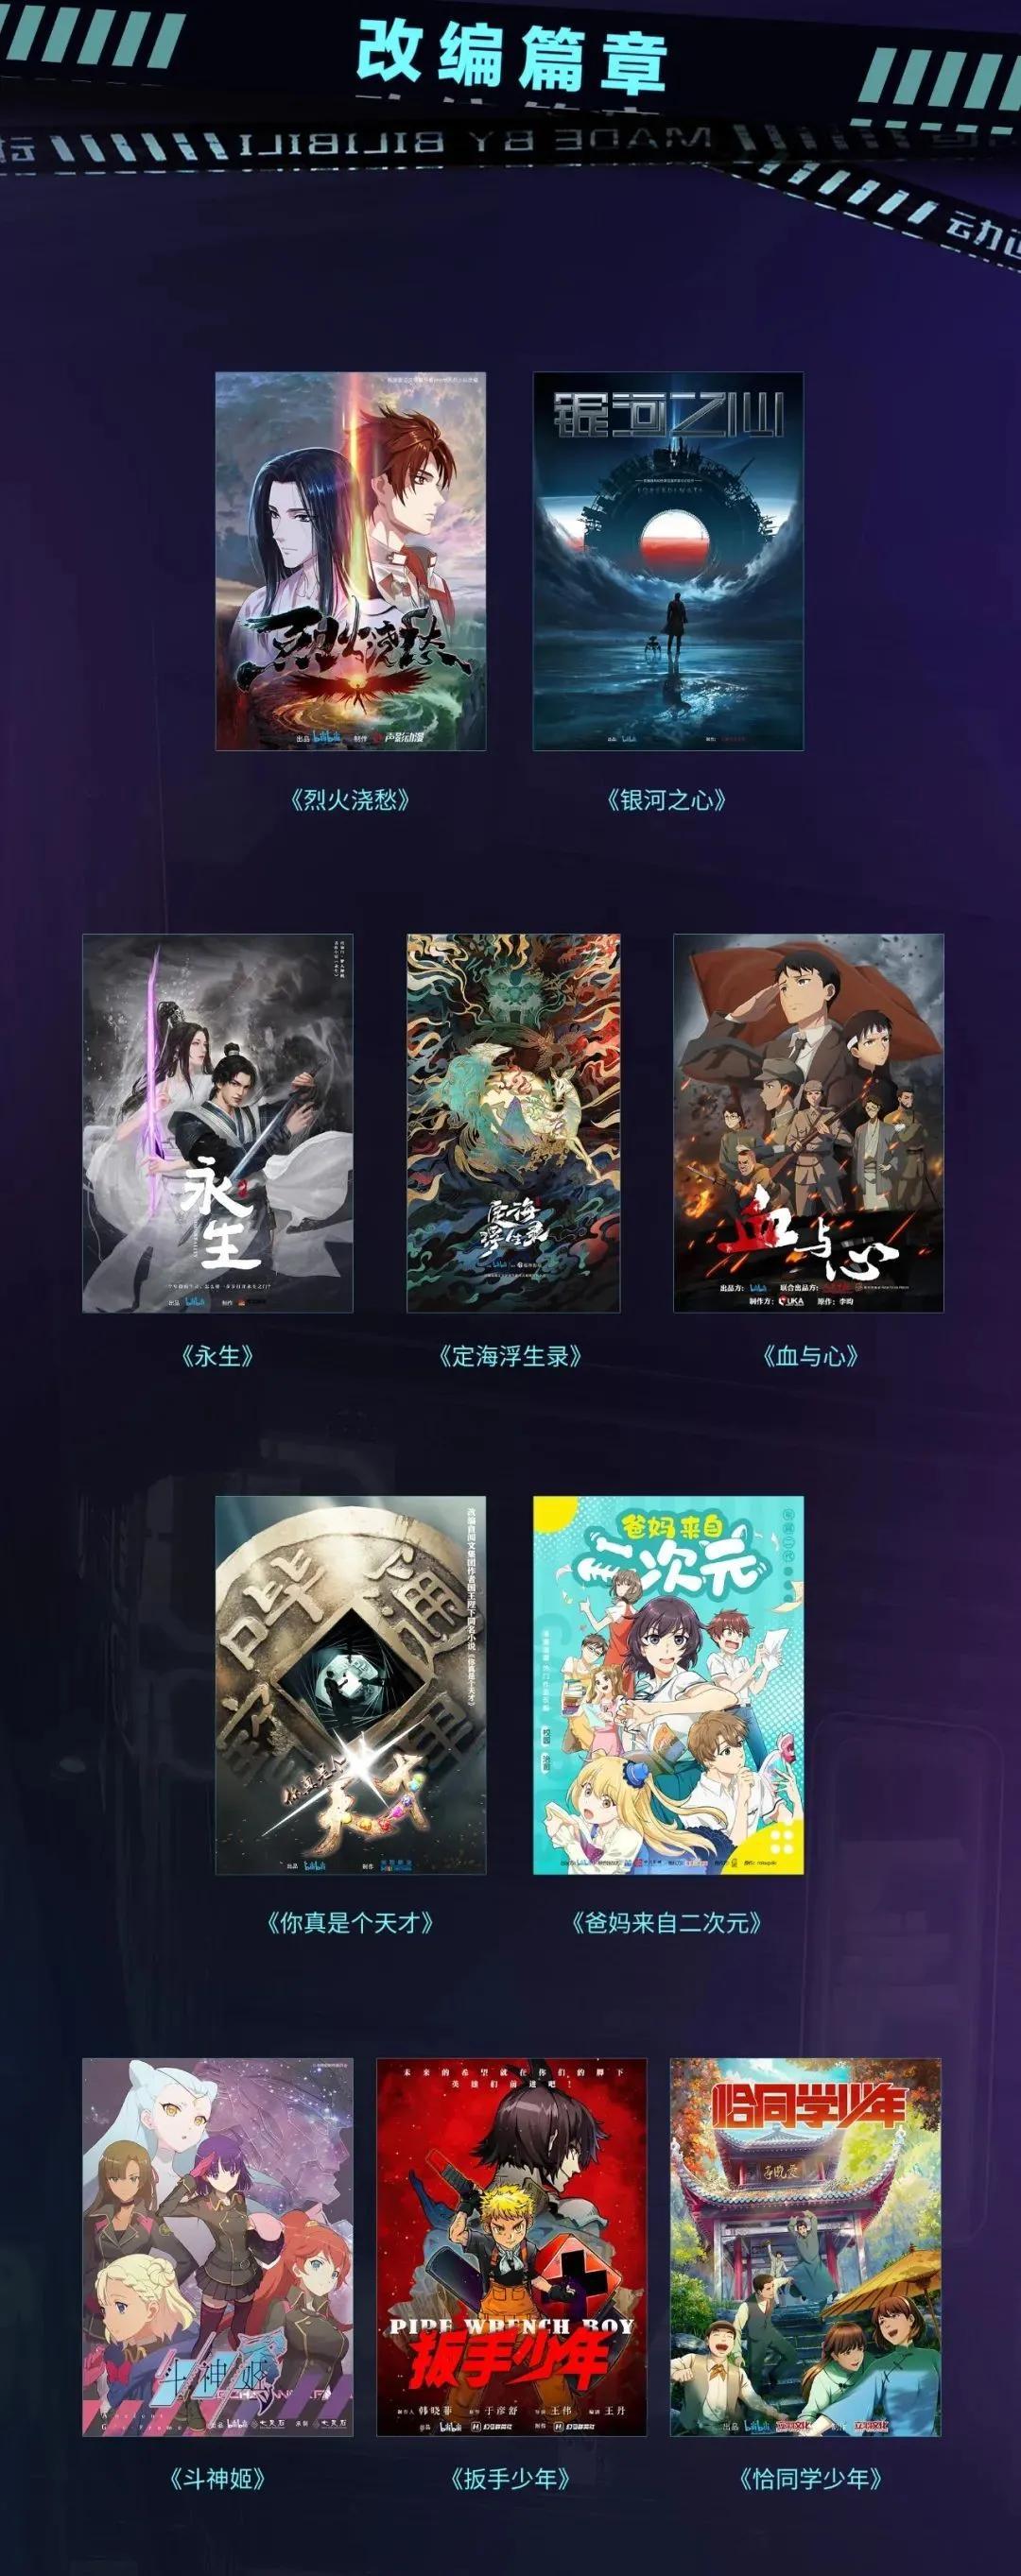 B站发布33个动画剧集,还有4部动画电影